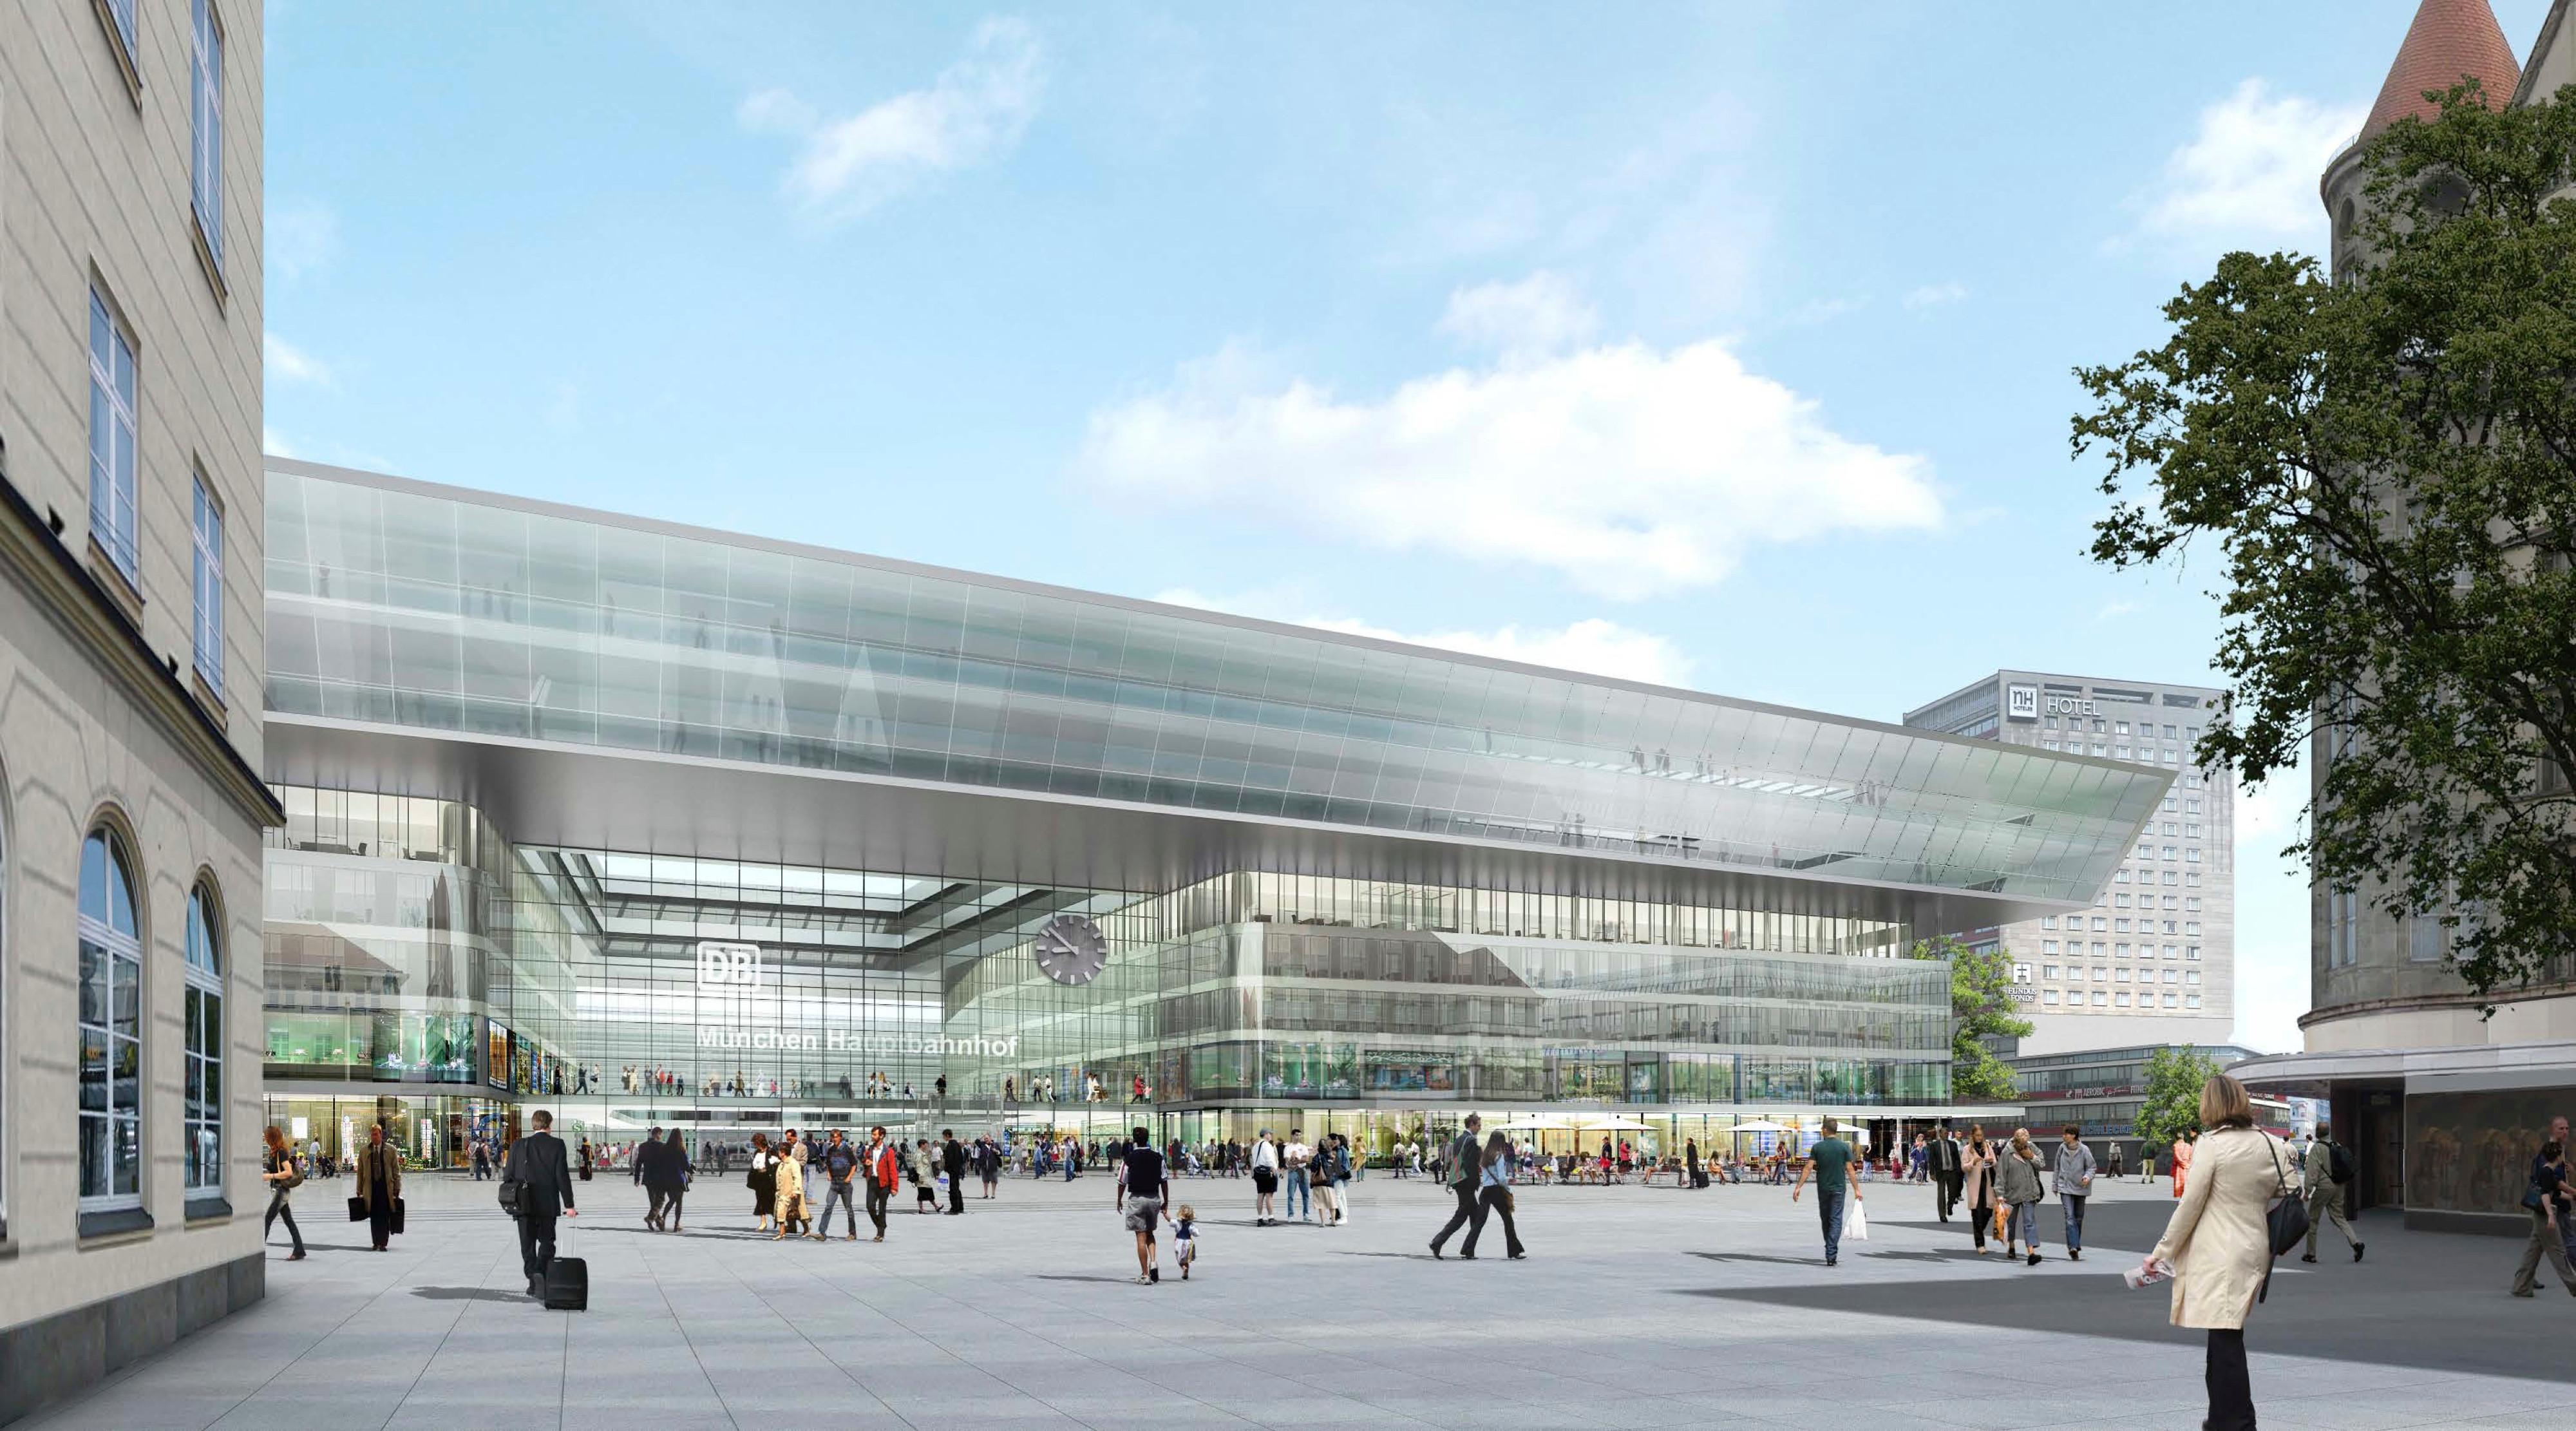 Visualisierung München empfangsgebäude alle infos zum neubau des hauptbahnhof münchen